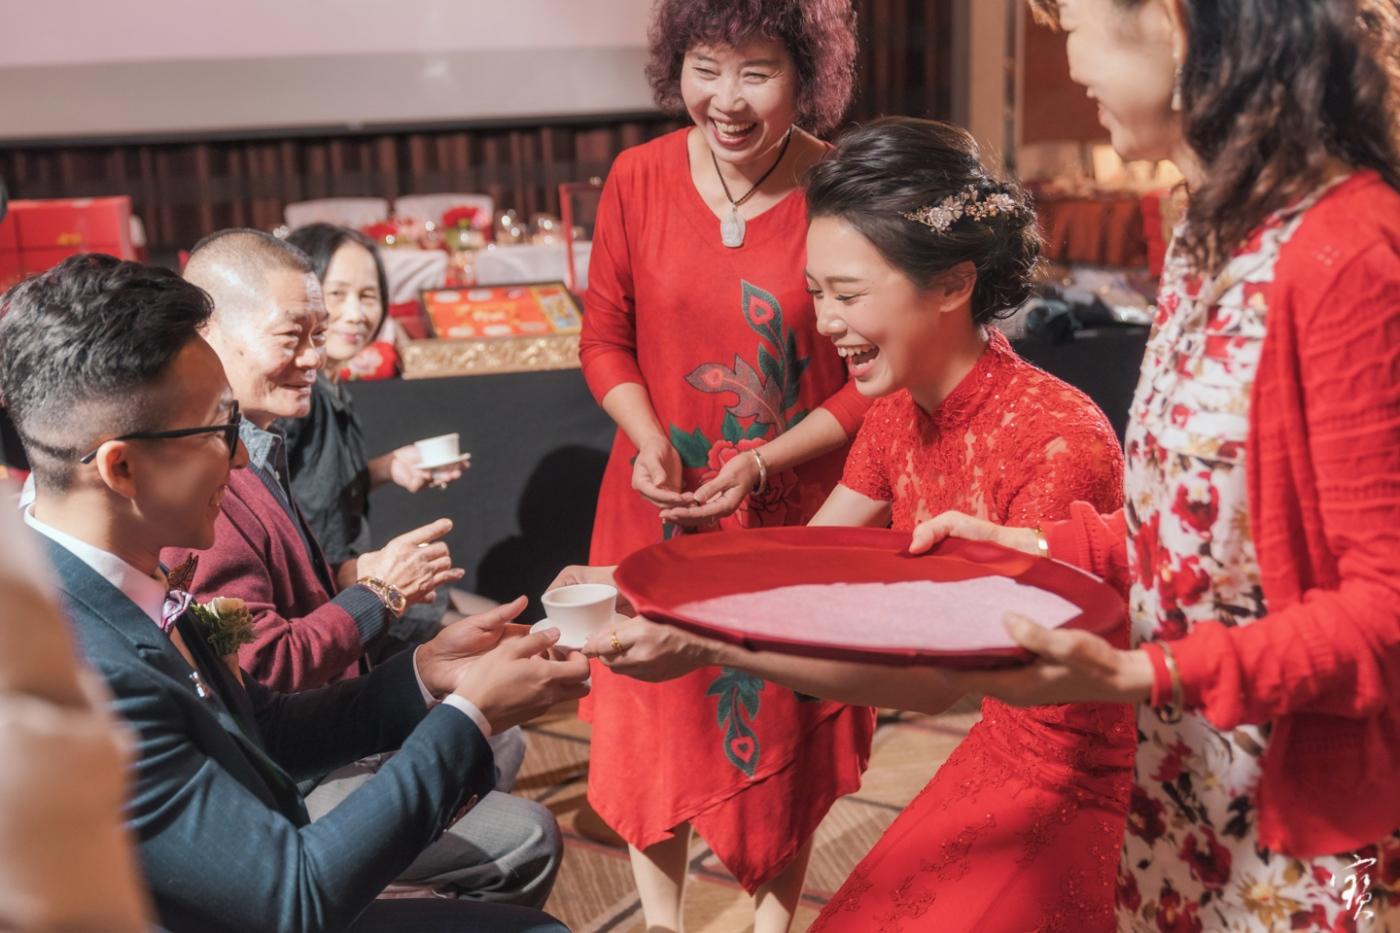 婚禮攝影 婚紗 大直 典華 冬半影像 攝影師大寶 北部攝影 台北攝影 桃園攝影 新竹攝影20181208-109